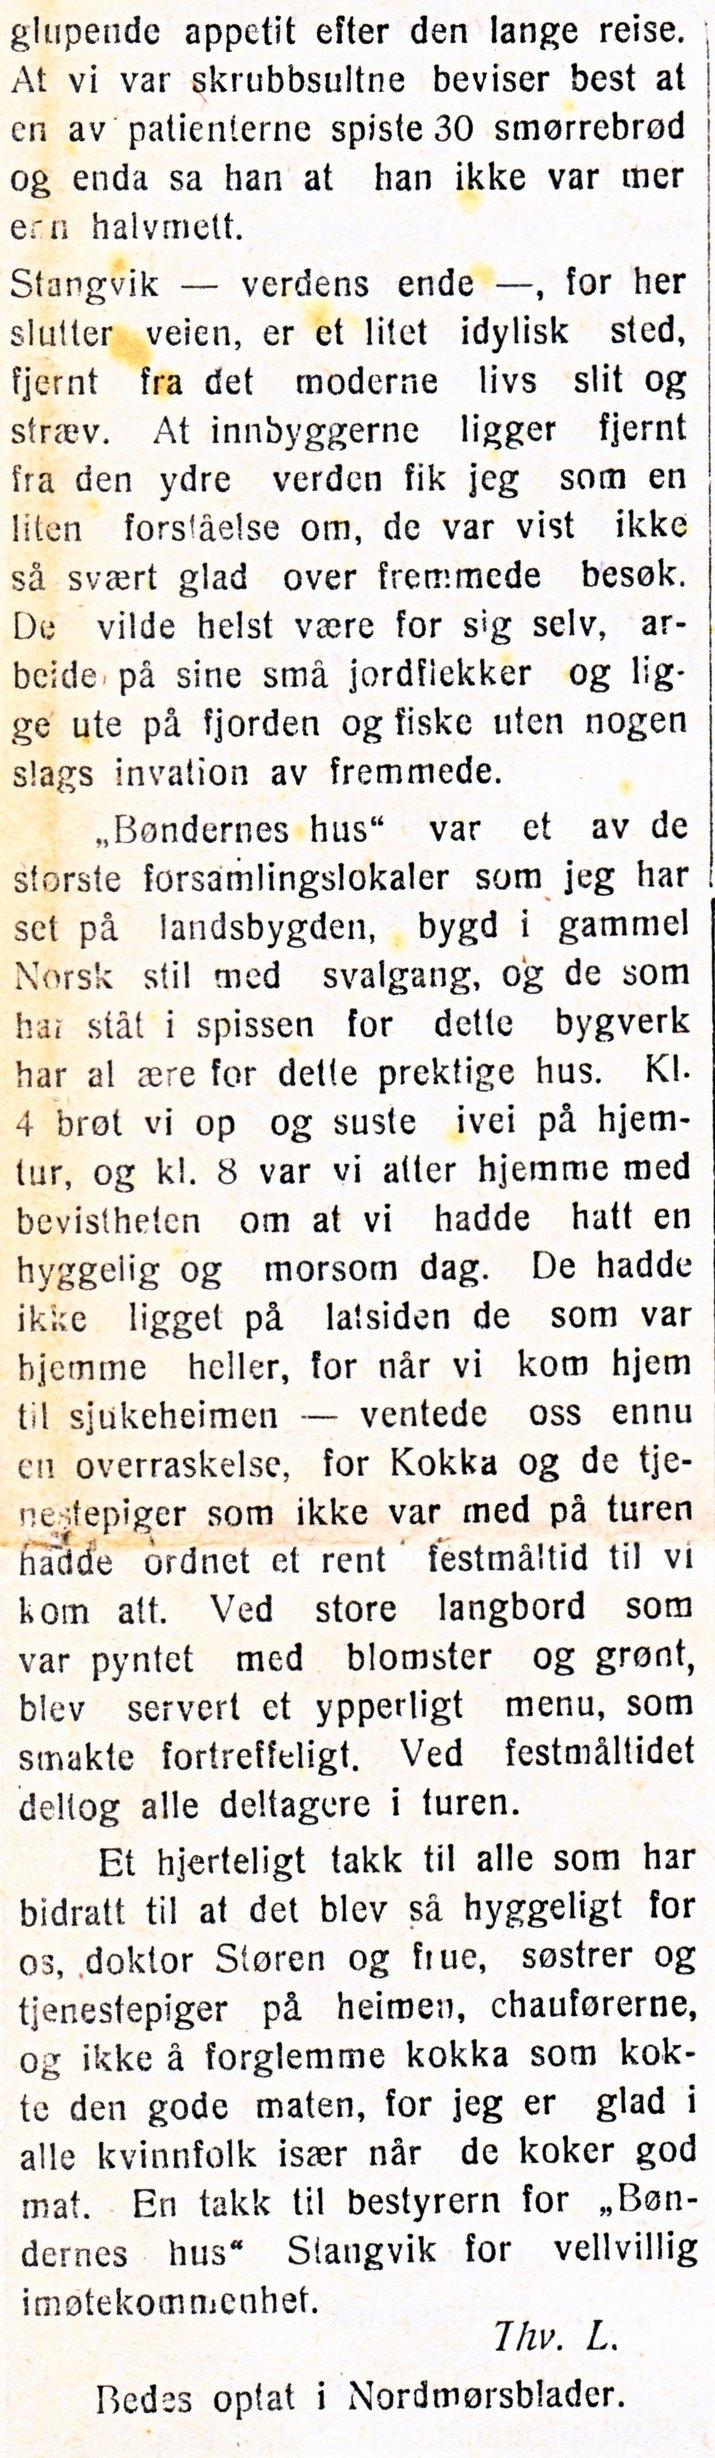 Stangvik 2_715x2458.jpg